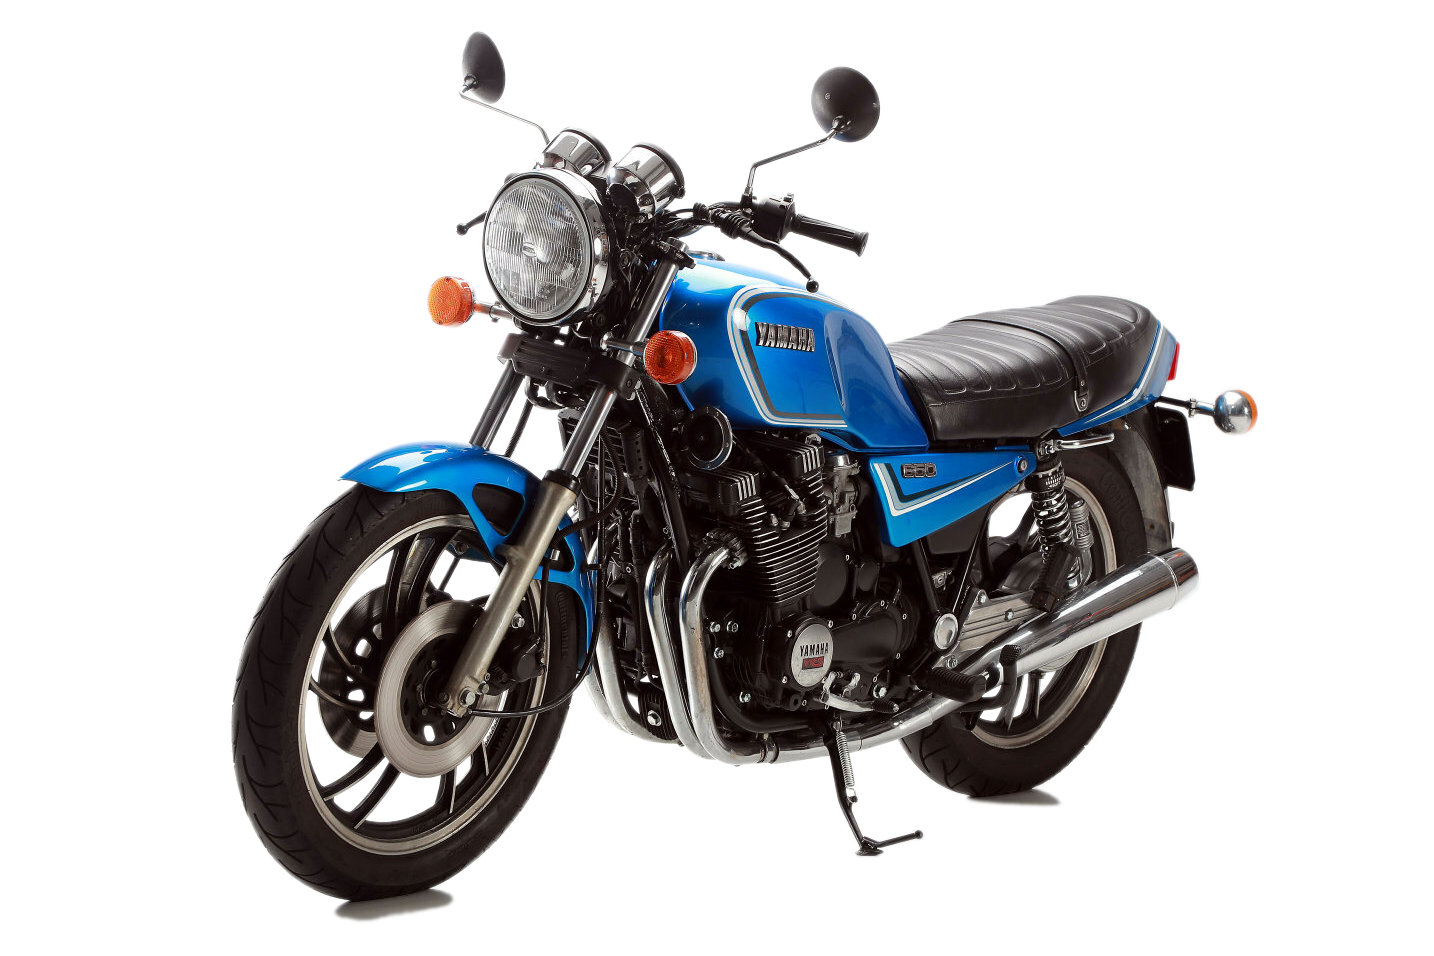 Yamaha XJ 650 4